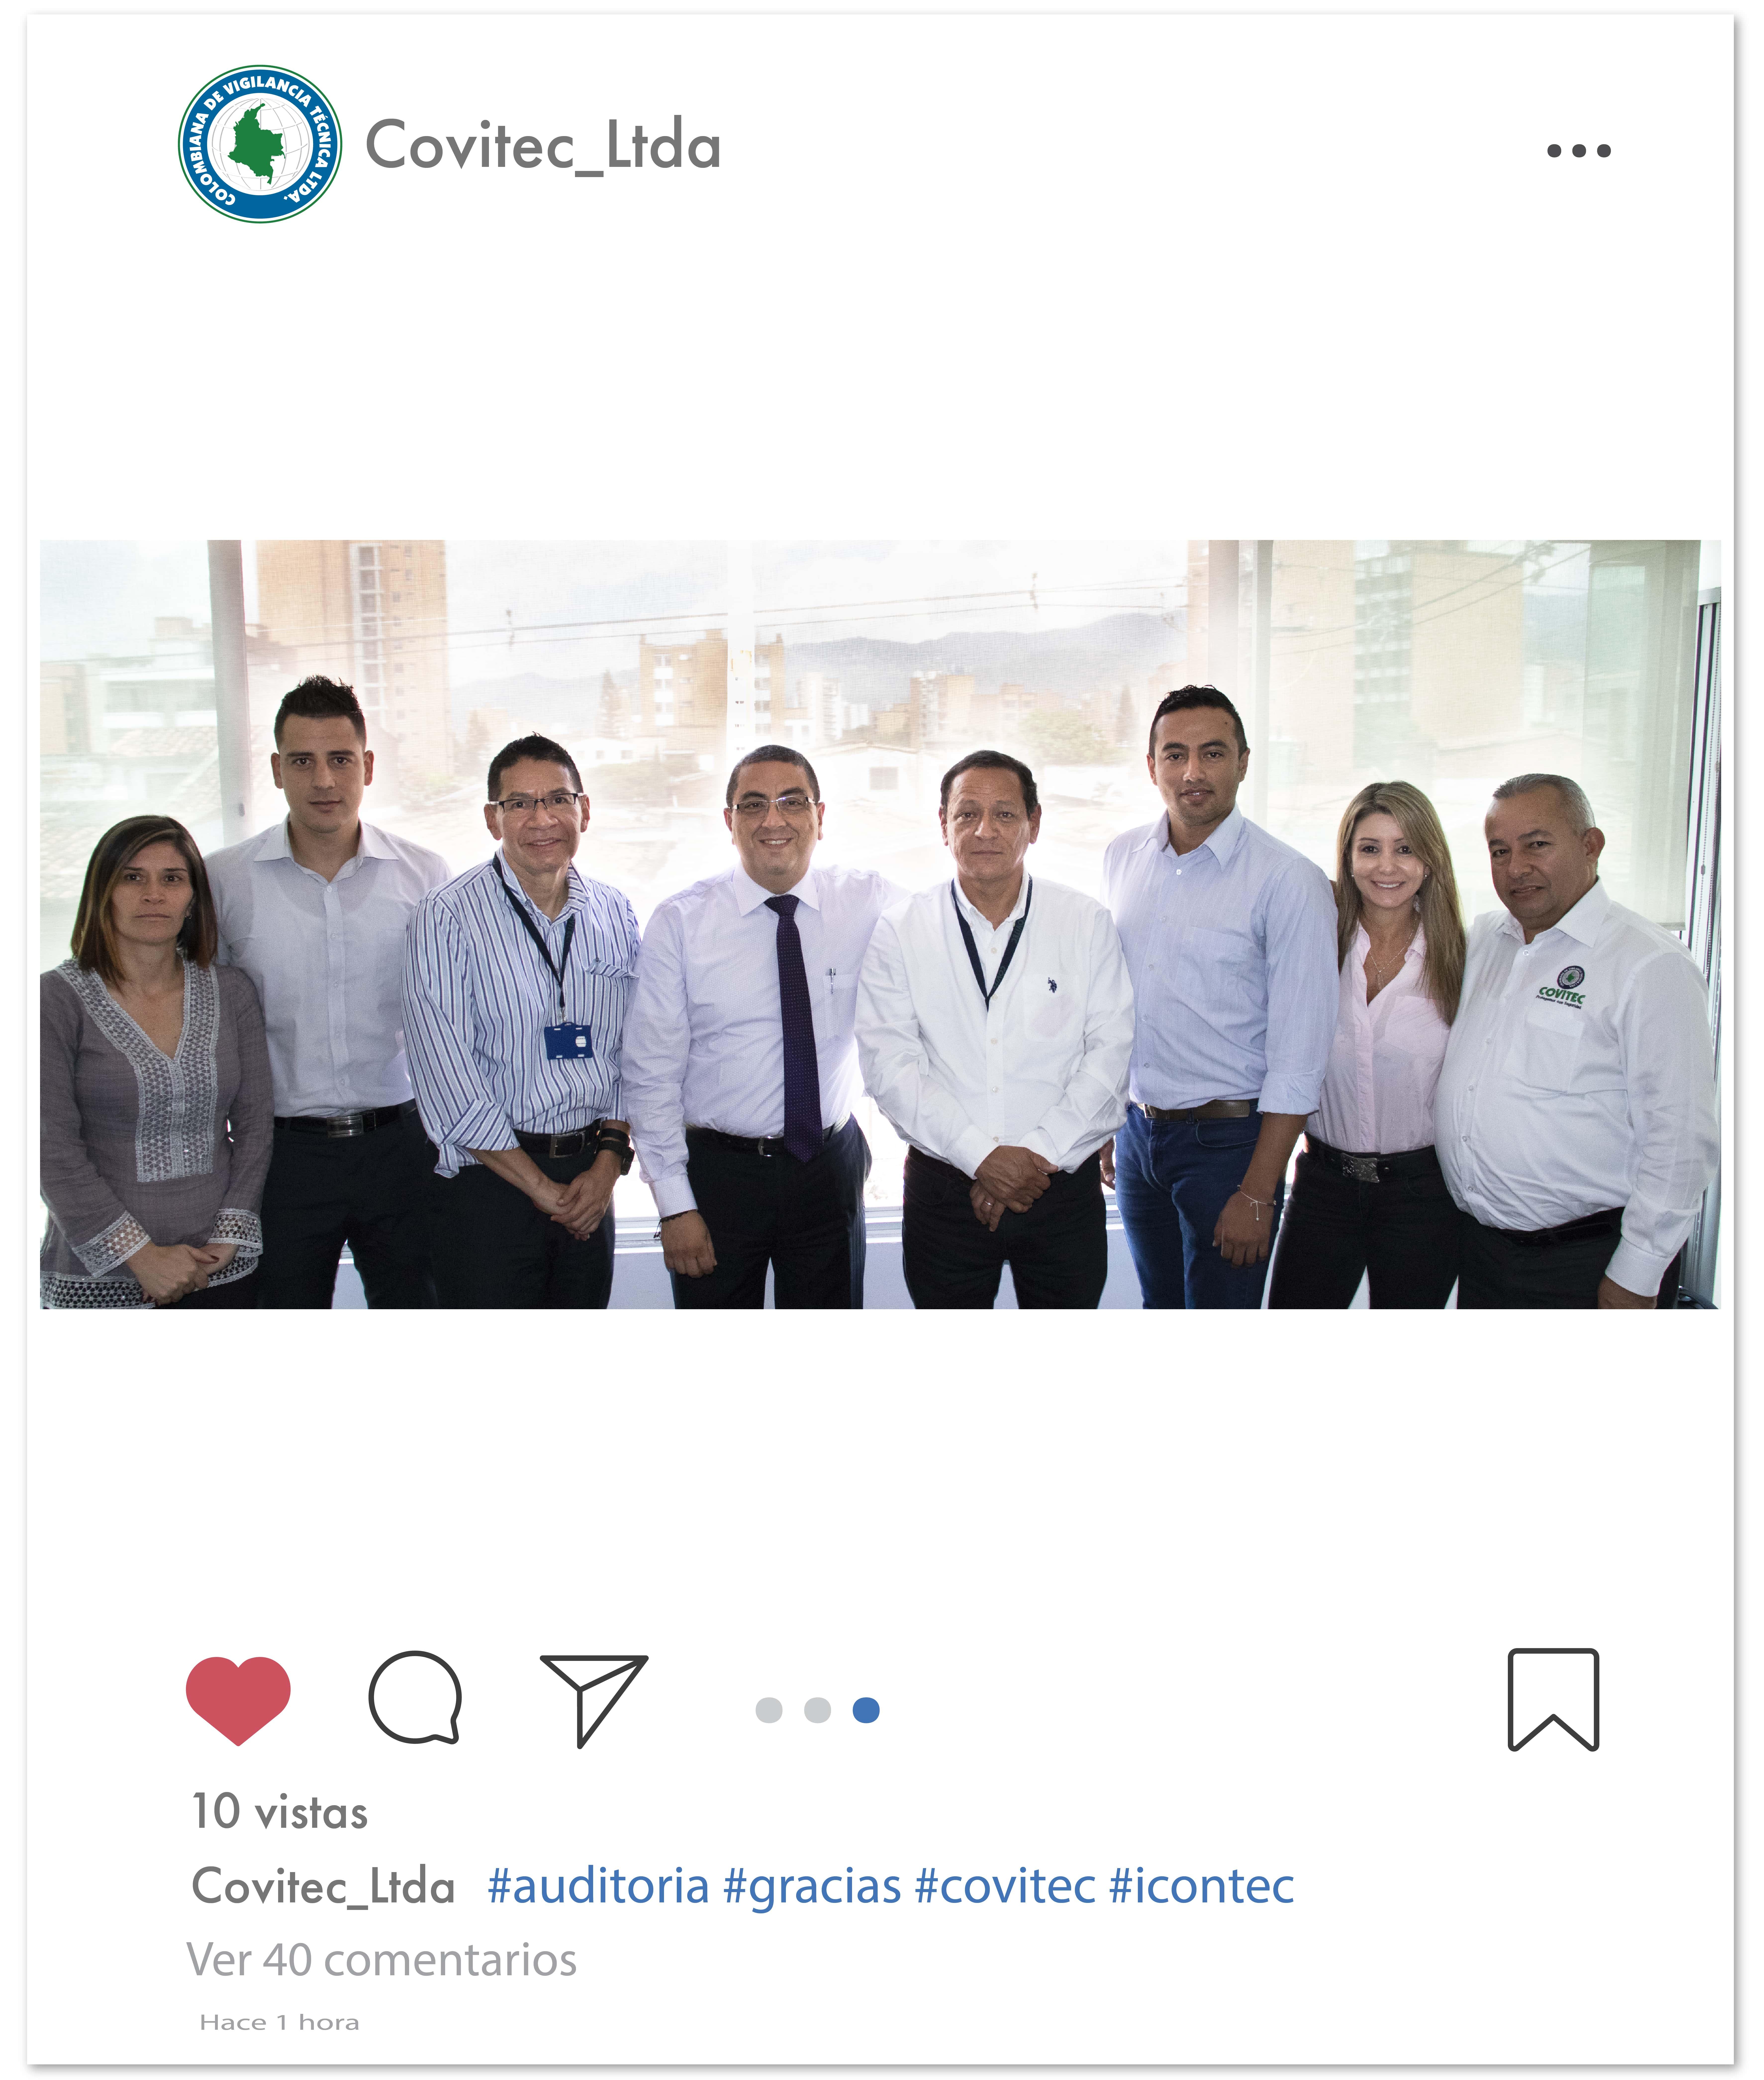 MEDIDA CUADRADA PERFECTA mayo 2019-01-01-min